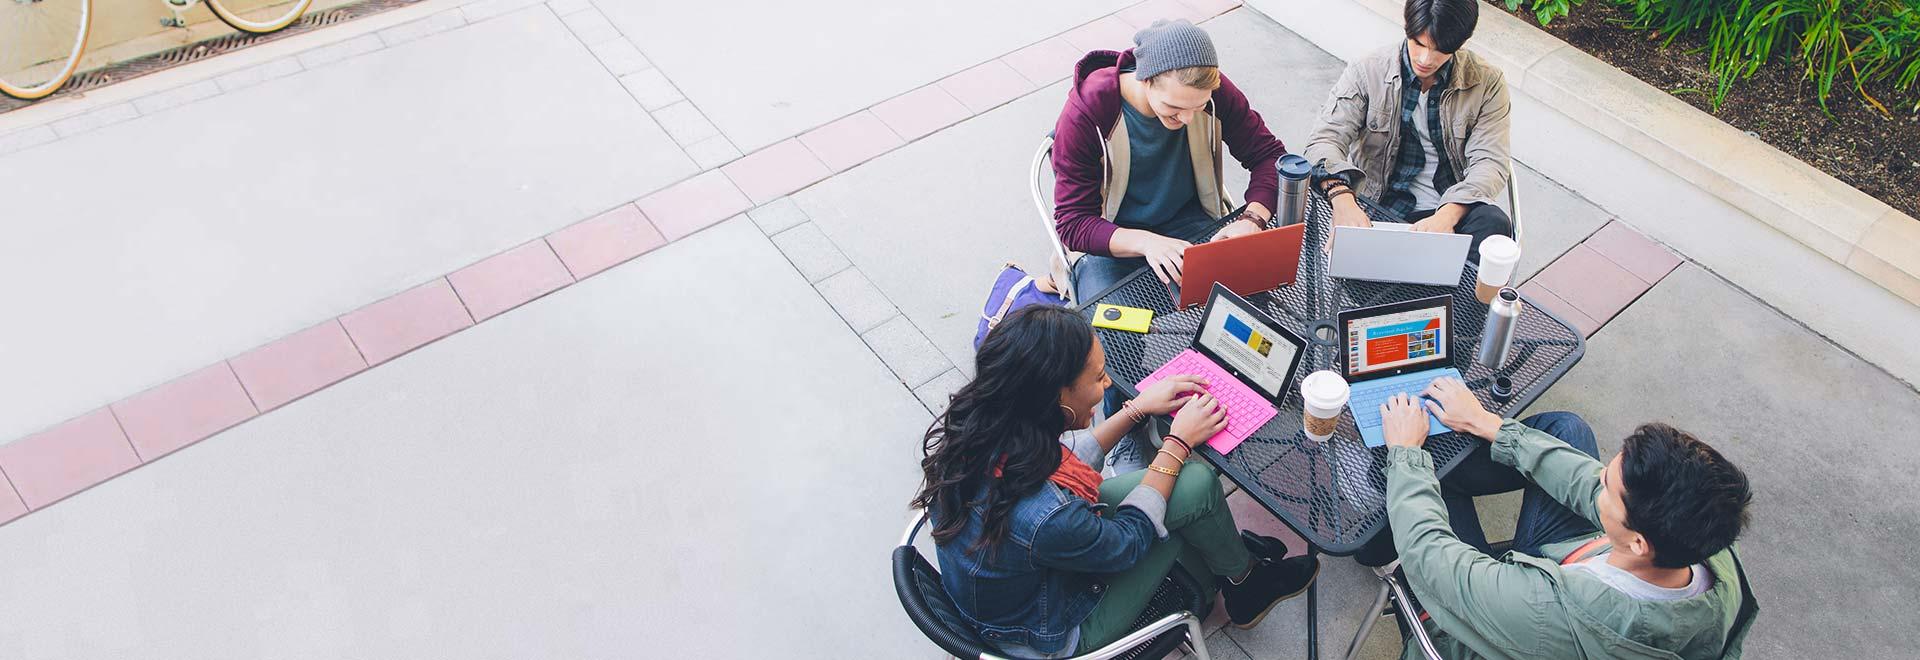 Négy diák egy asztal mellett ül a szabadban, és az Office 365 Oktatási verziót használja a táblagépén.